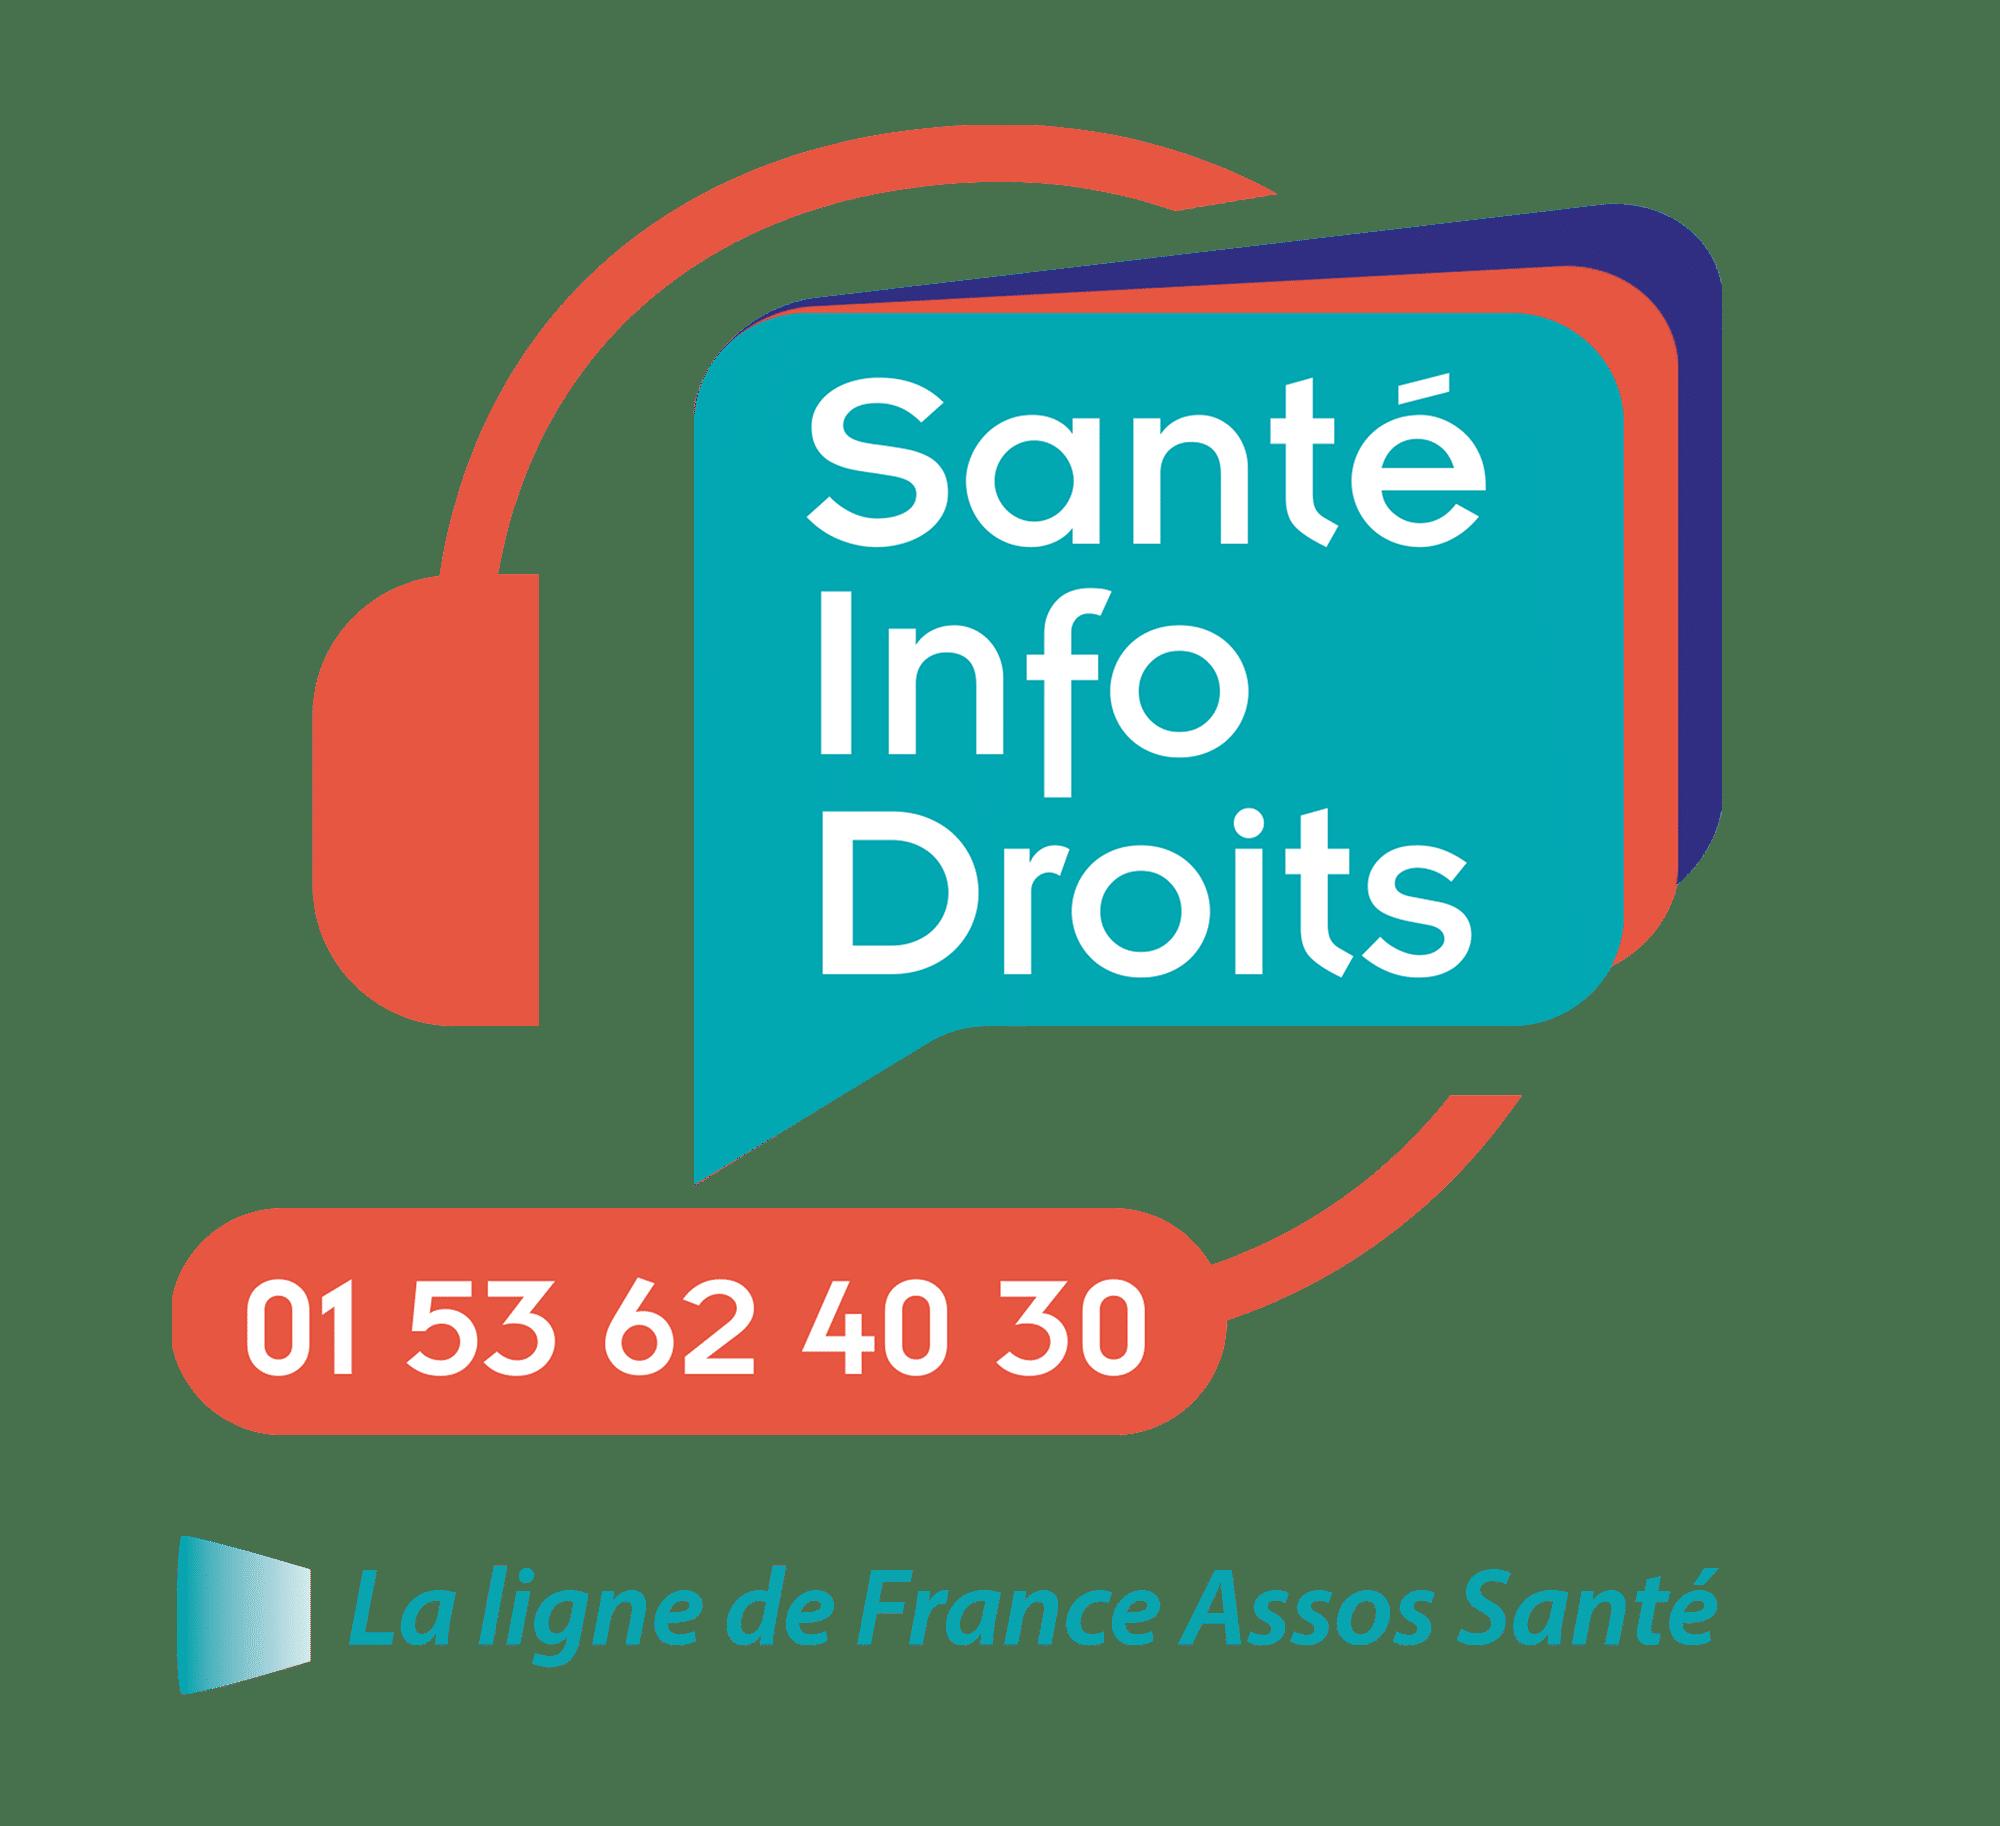 https://www.france-assos-sante.org/wp-content/uploads/2019/02/logo-sante%E2%95%A0%C3%BC-info-droits-02-1.png